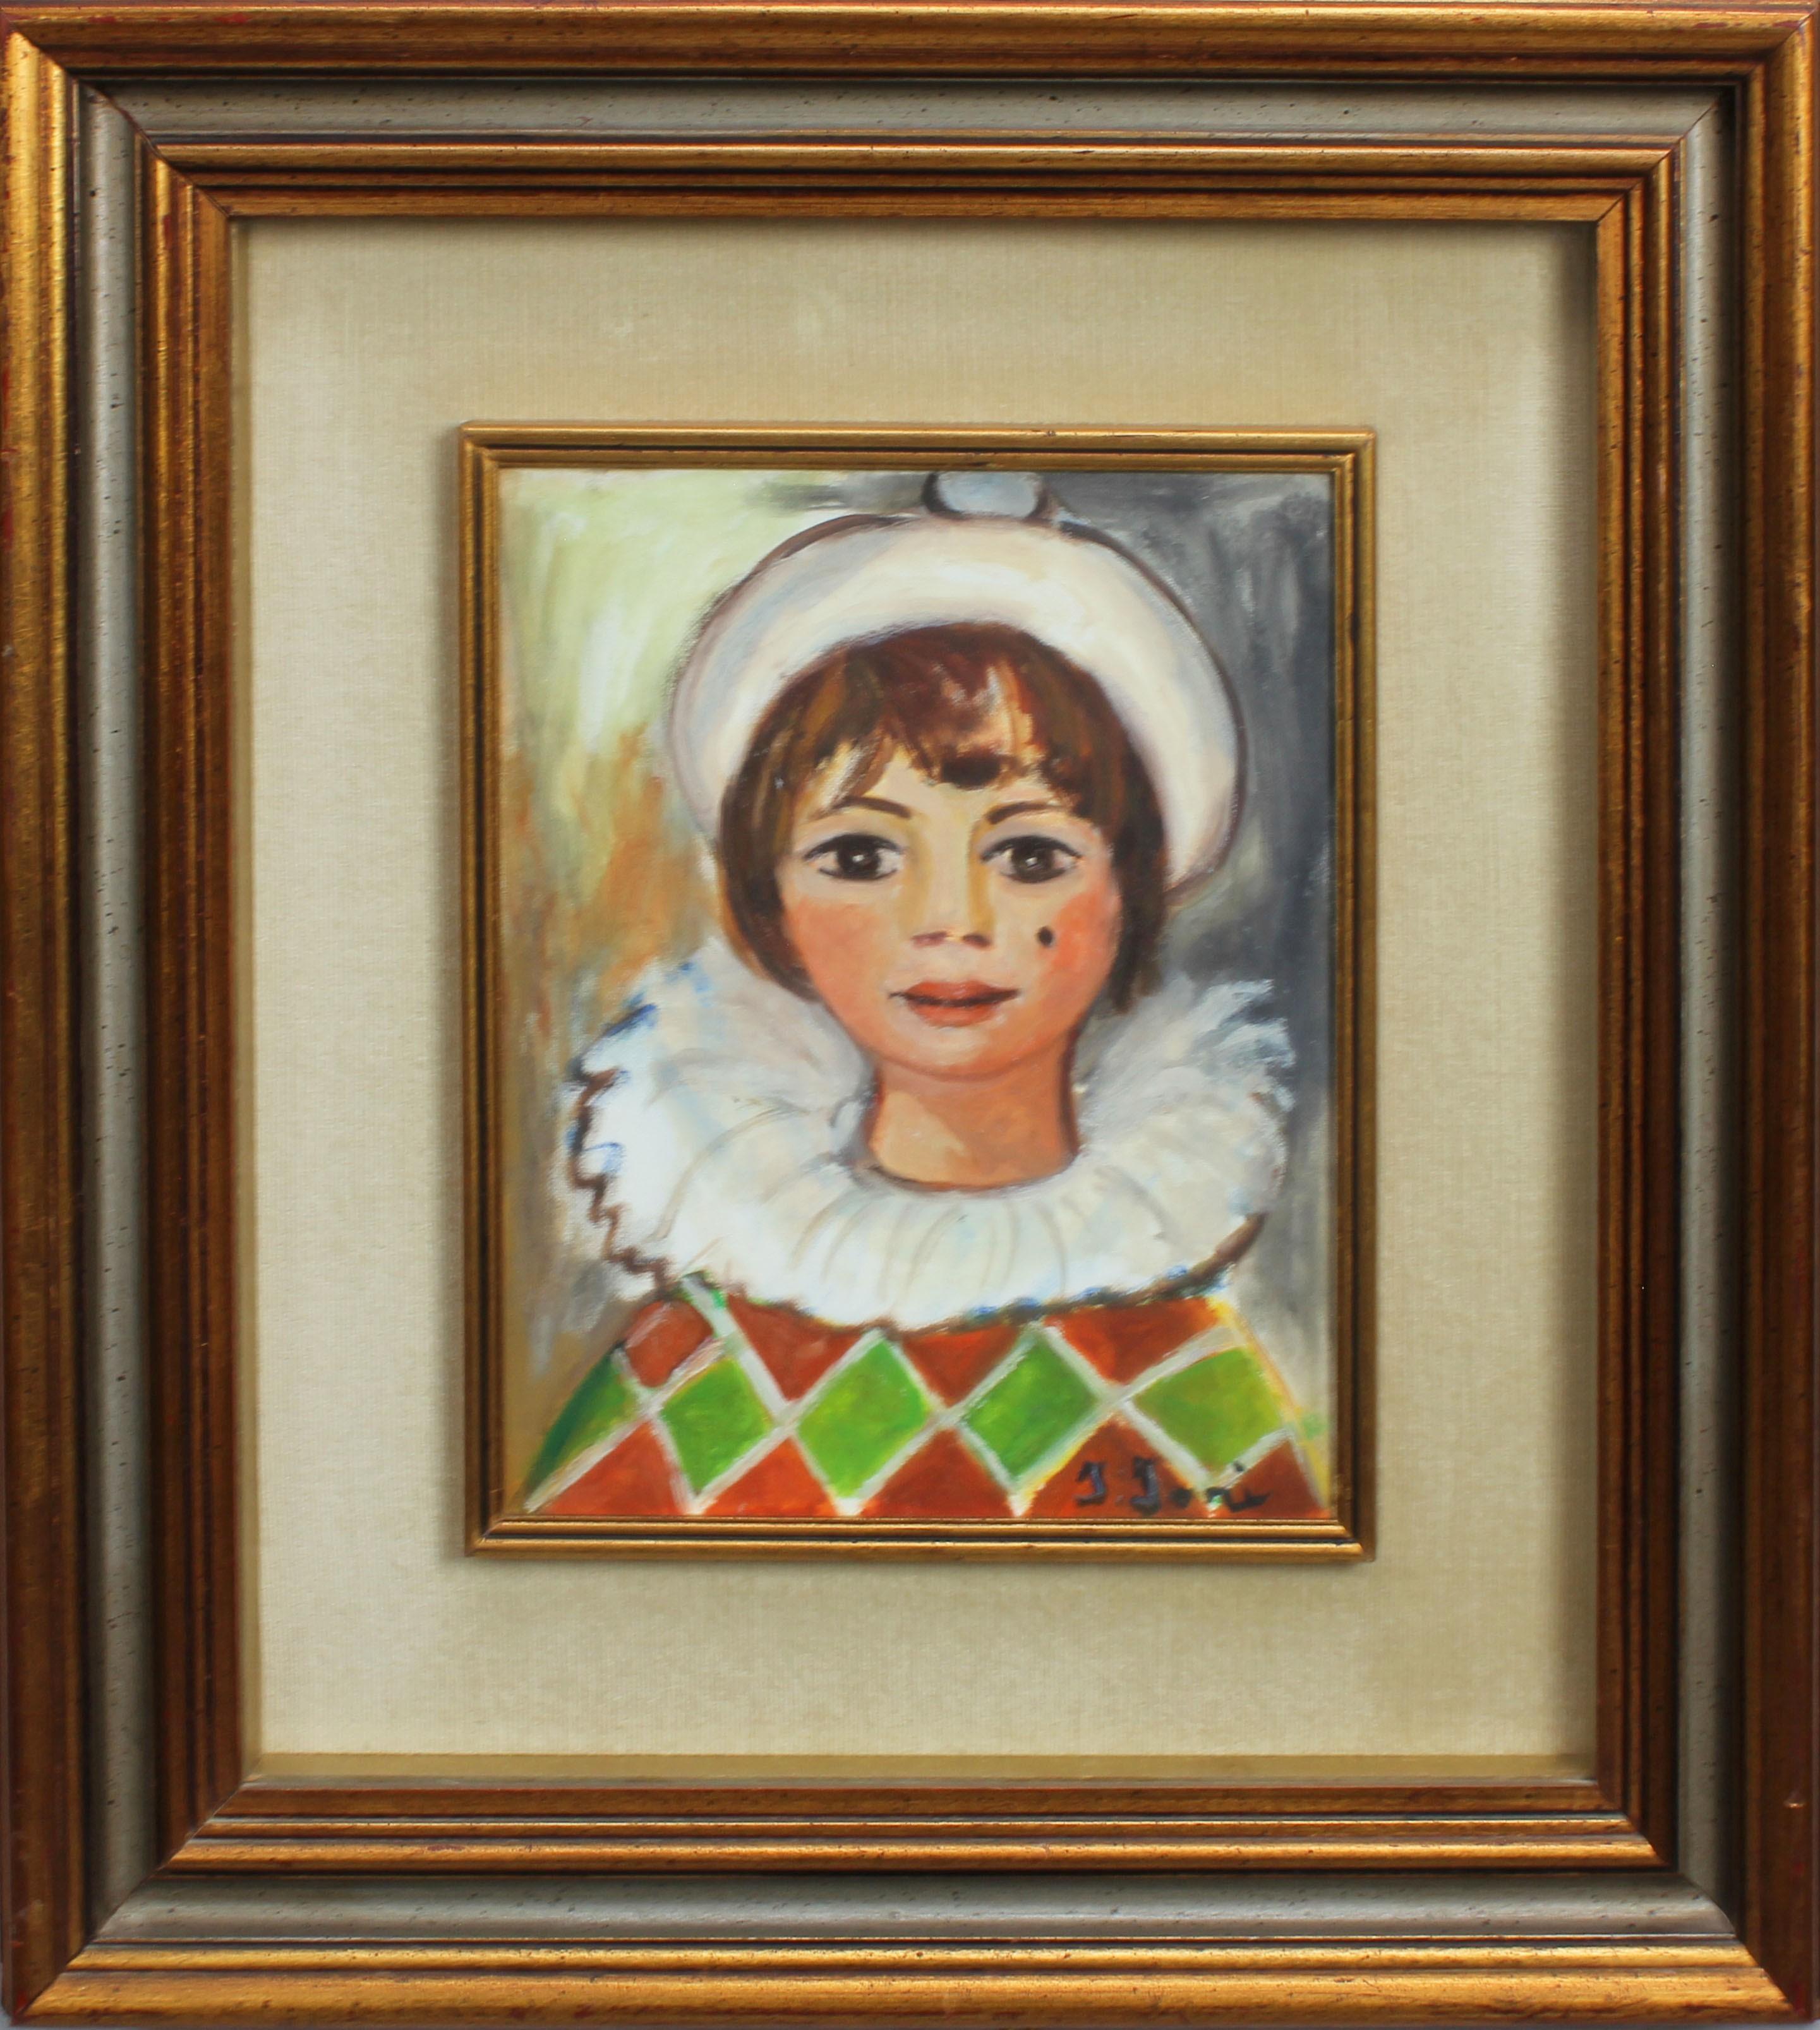 Lot 35 - Ragazza in costume, a firma Iori, olio su tela, cm. 23x29